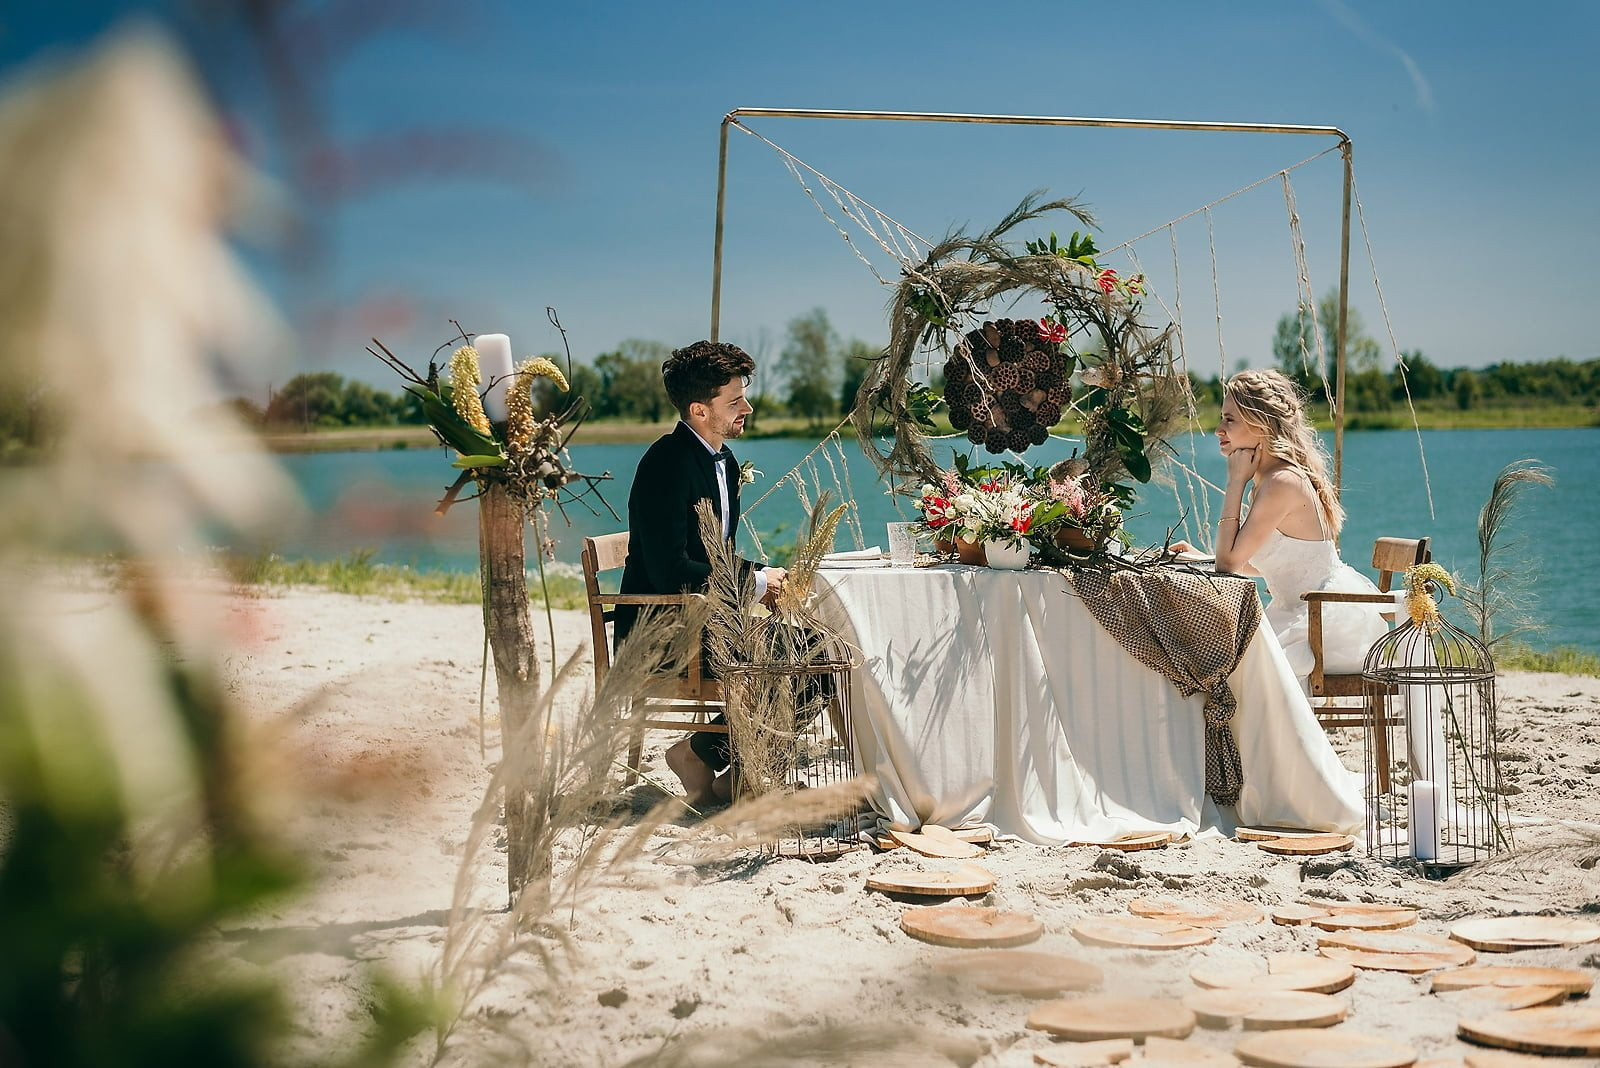 Stylizowana sesja ślubna w klimacie południowej Hiszpanii 19